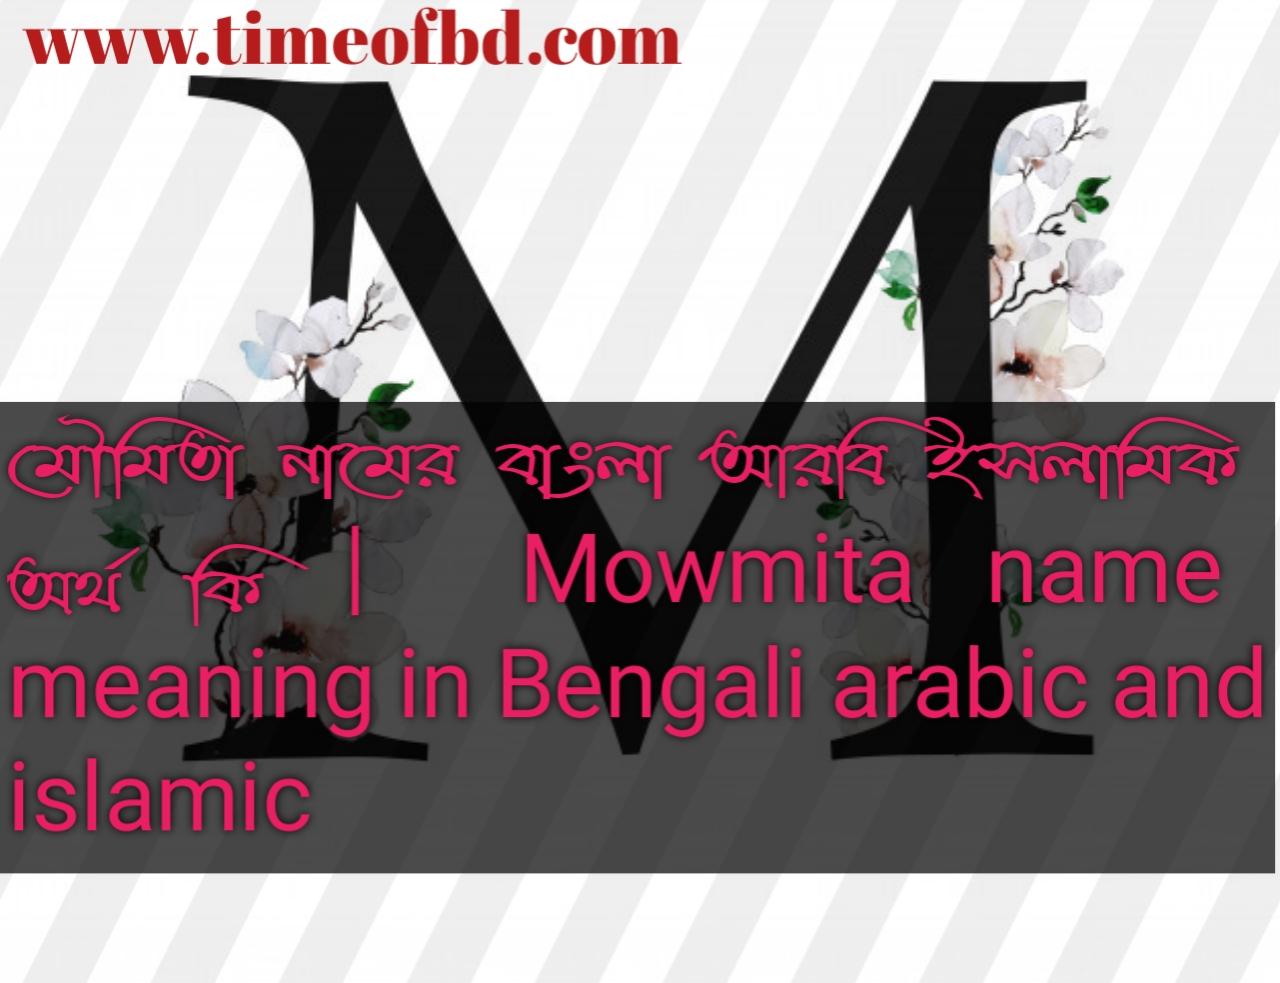 মৌমিতা নামের অর্থ কি, মৌমিতা নামের বাংলা অর্থ কি, মৌমিতা নামের ইসলামিক অর্থ কি, Mowmita name in Bengali, মৌমিতা কি ইসলামিক নাম,